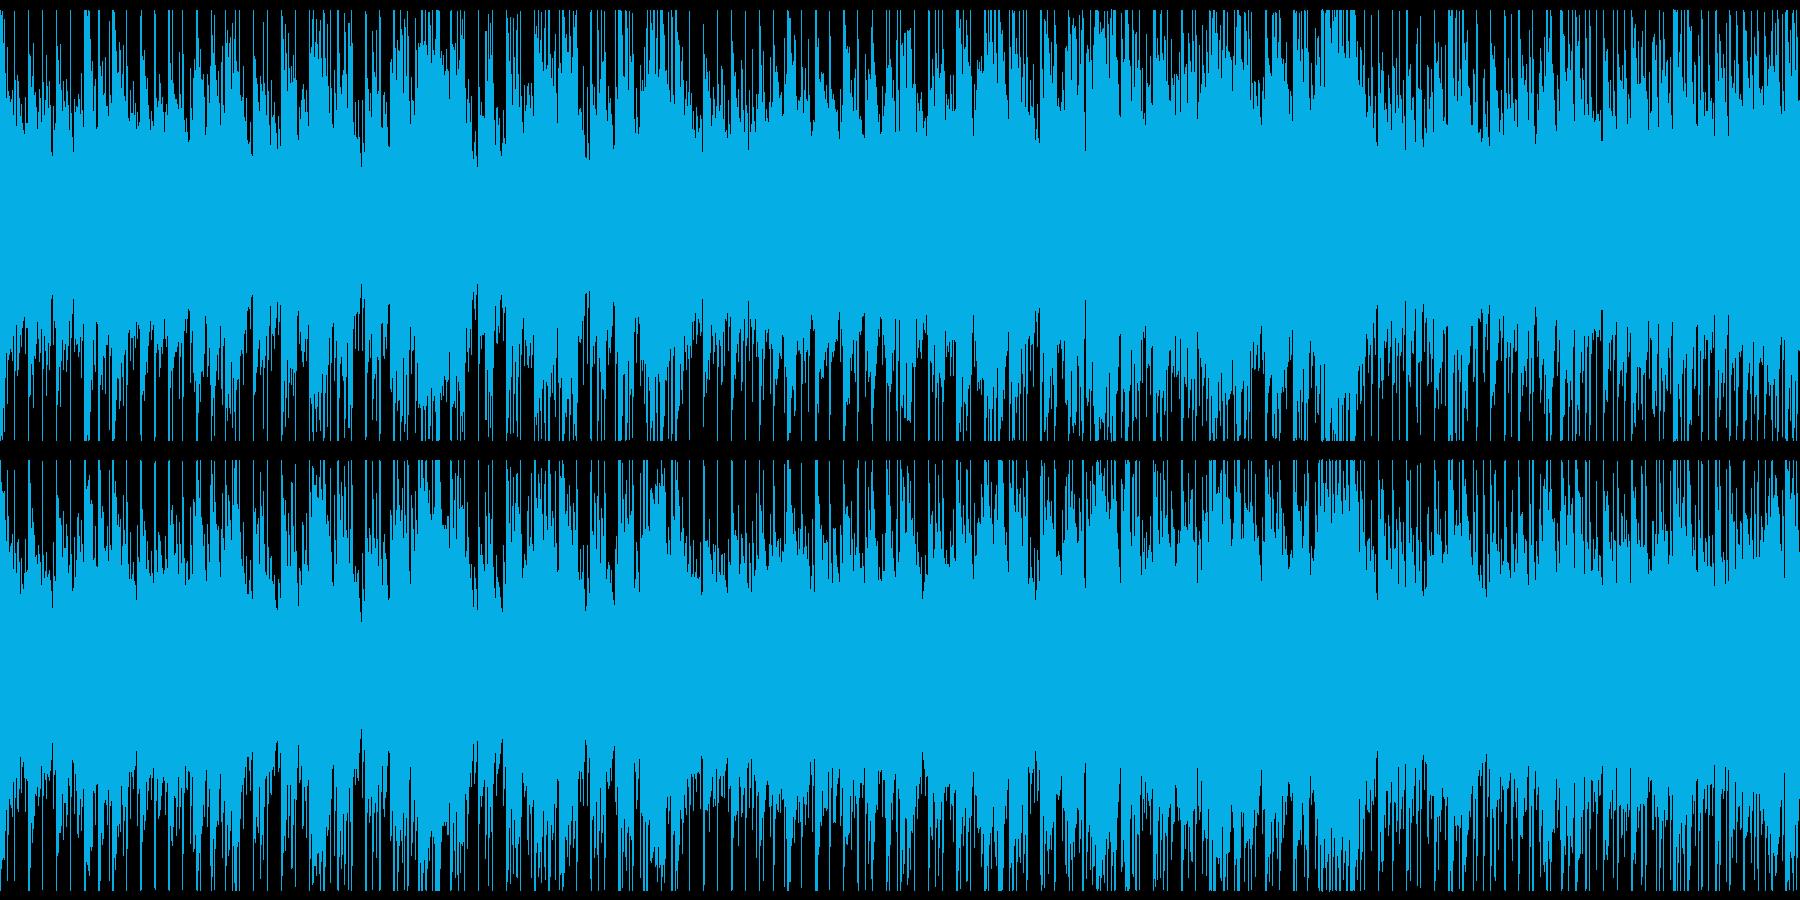 哀愁・どこか物悲しいイメージのBGMの再生済みの波形